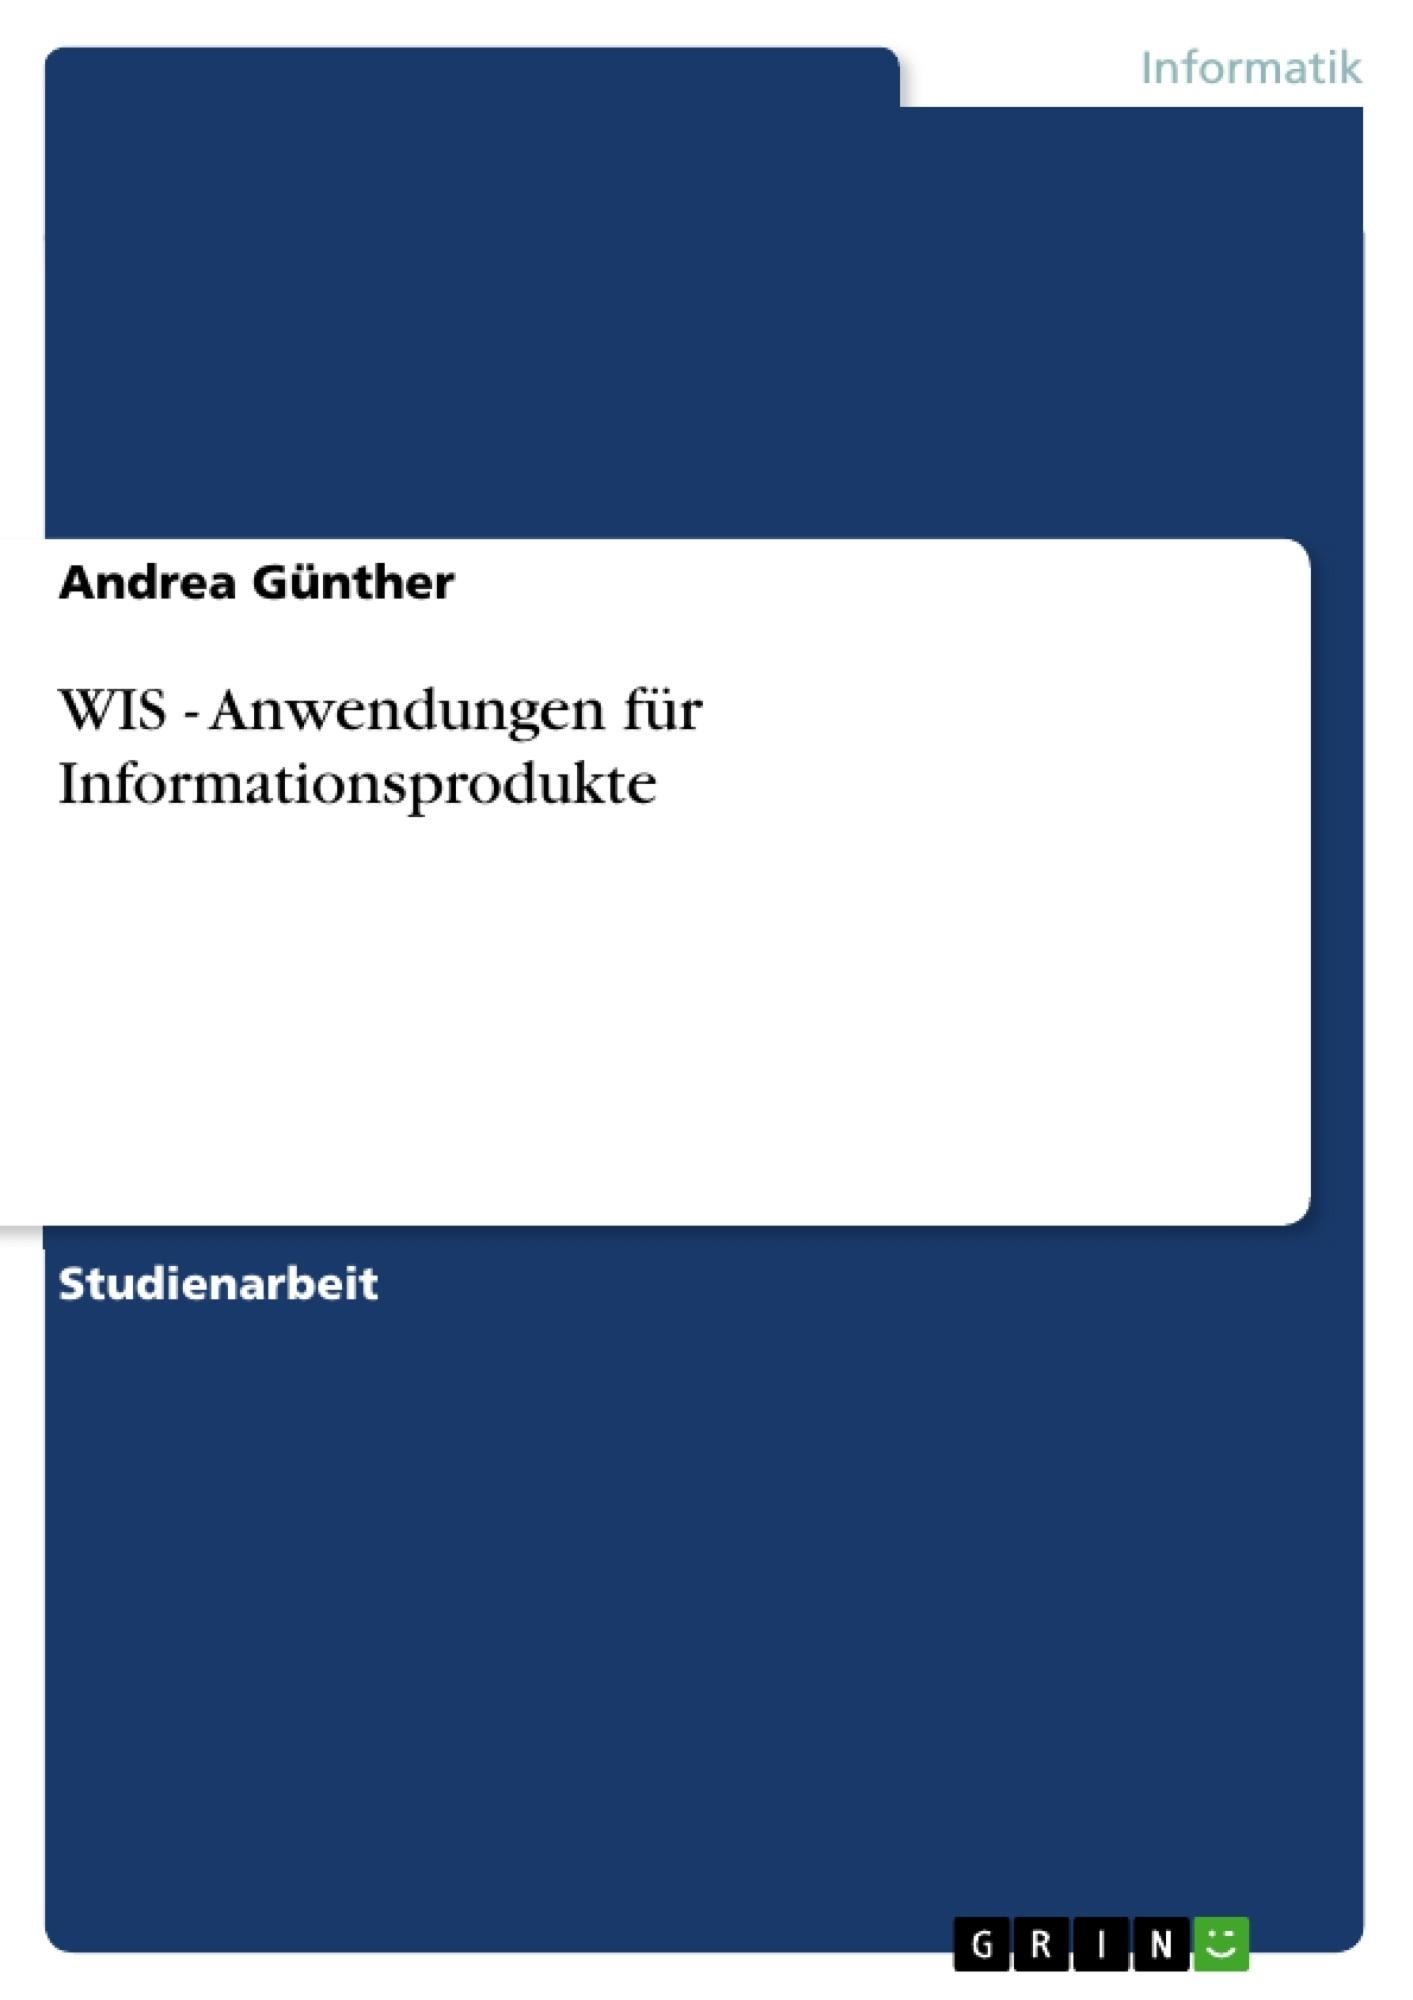 Titel: WIS - Anwendungen für Informationsprodukte